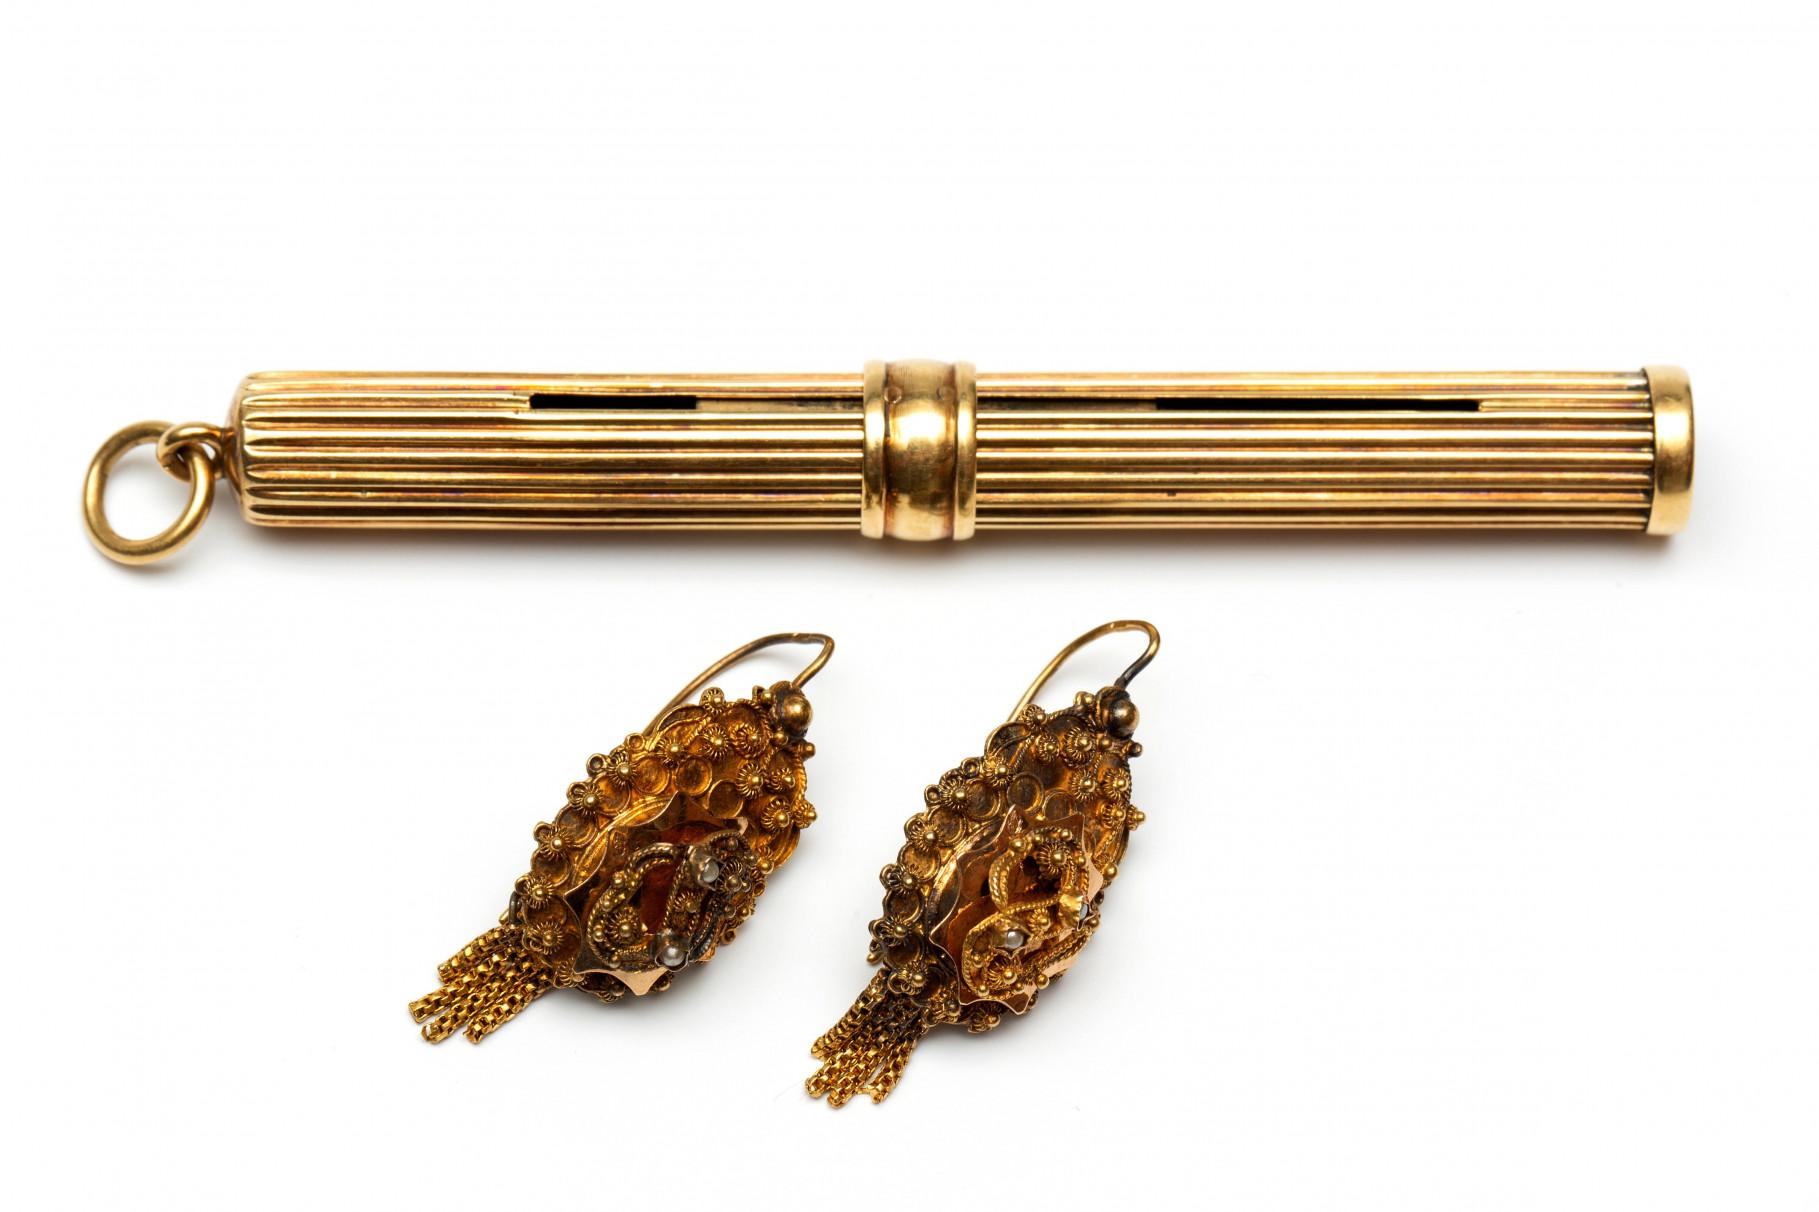 Paar 14krt. gouden oorhangers en een potloodhouder, begin 20e eeuw.